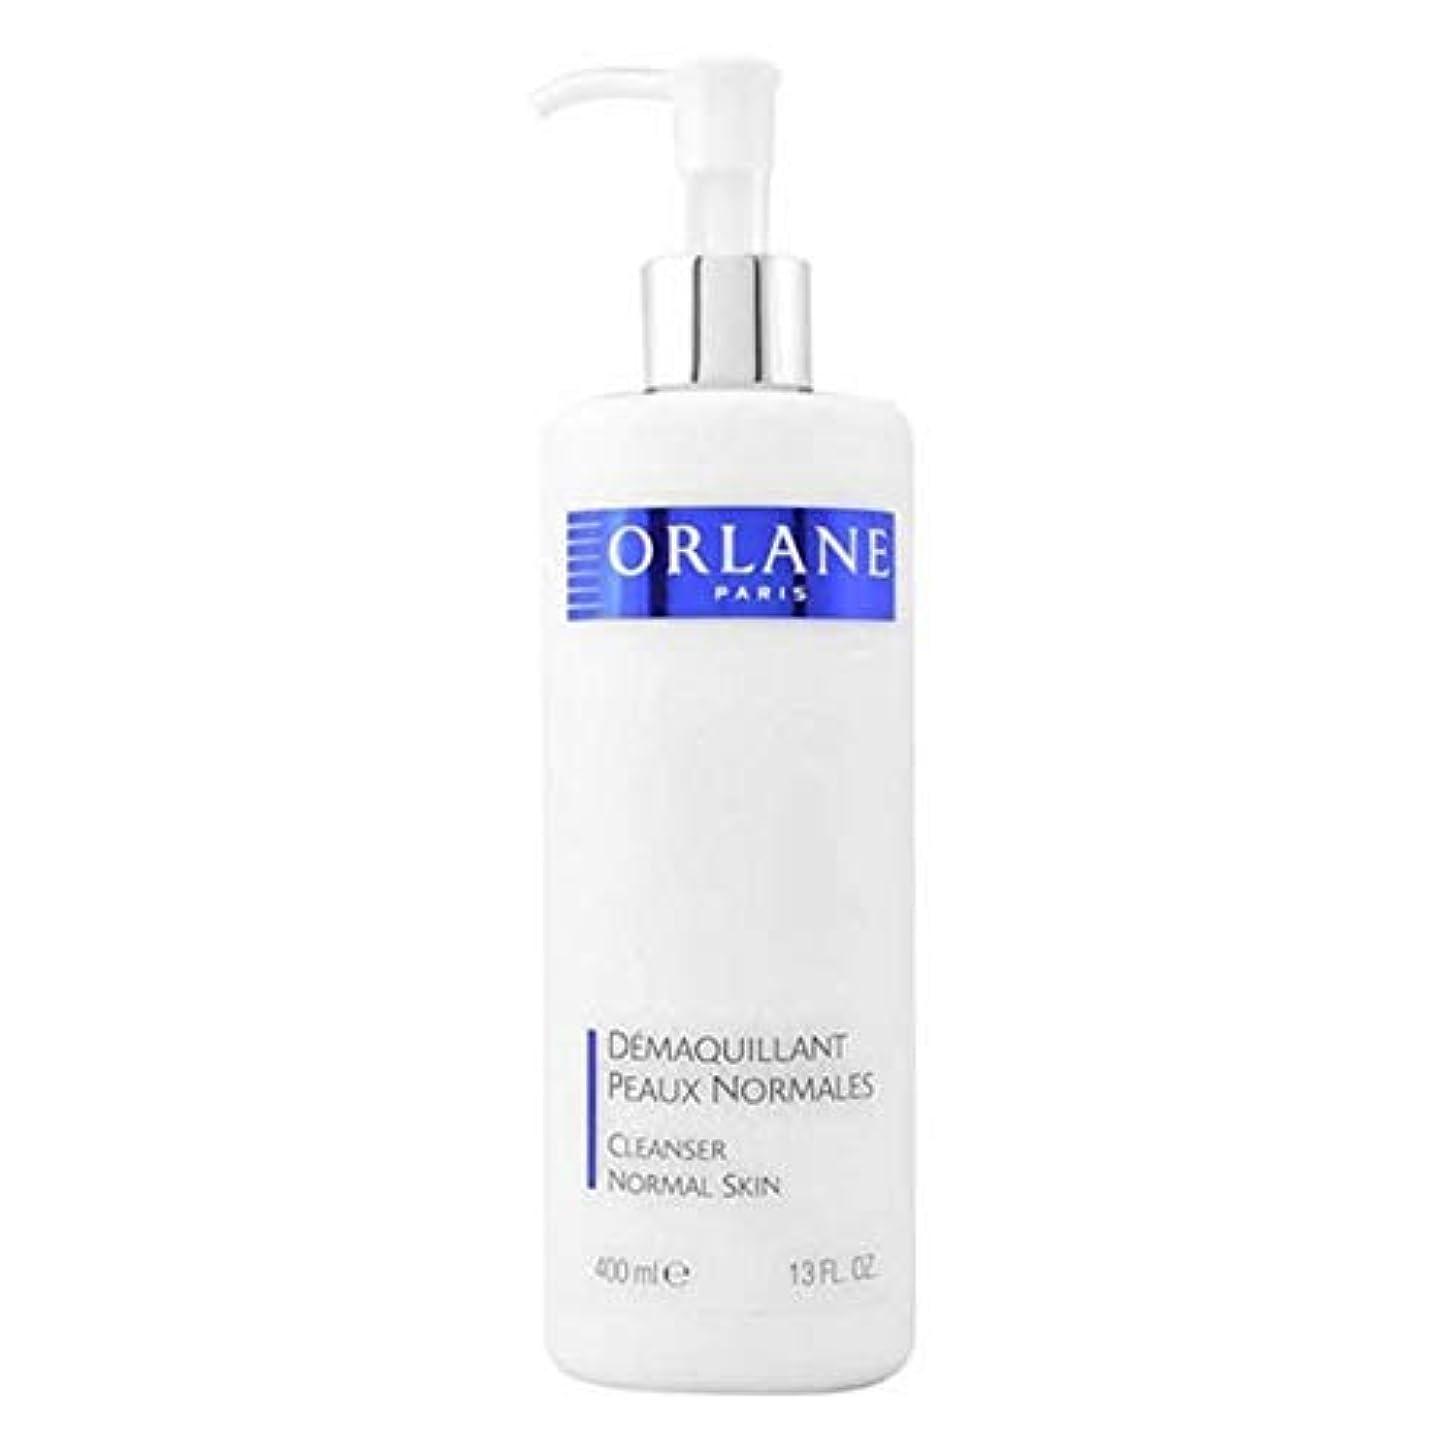 死んでいるキリンの量オルラーヌ Cleanser For Normal Skin (Salon Product) 400ml/13oz並行輸入品